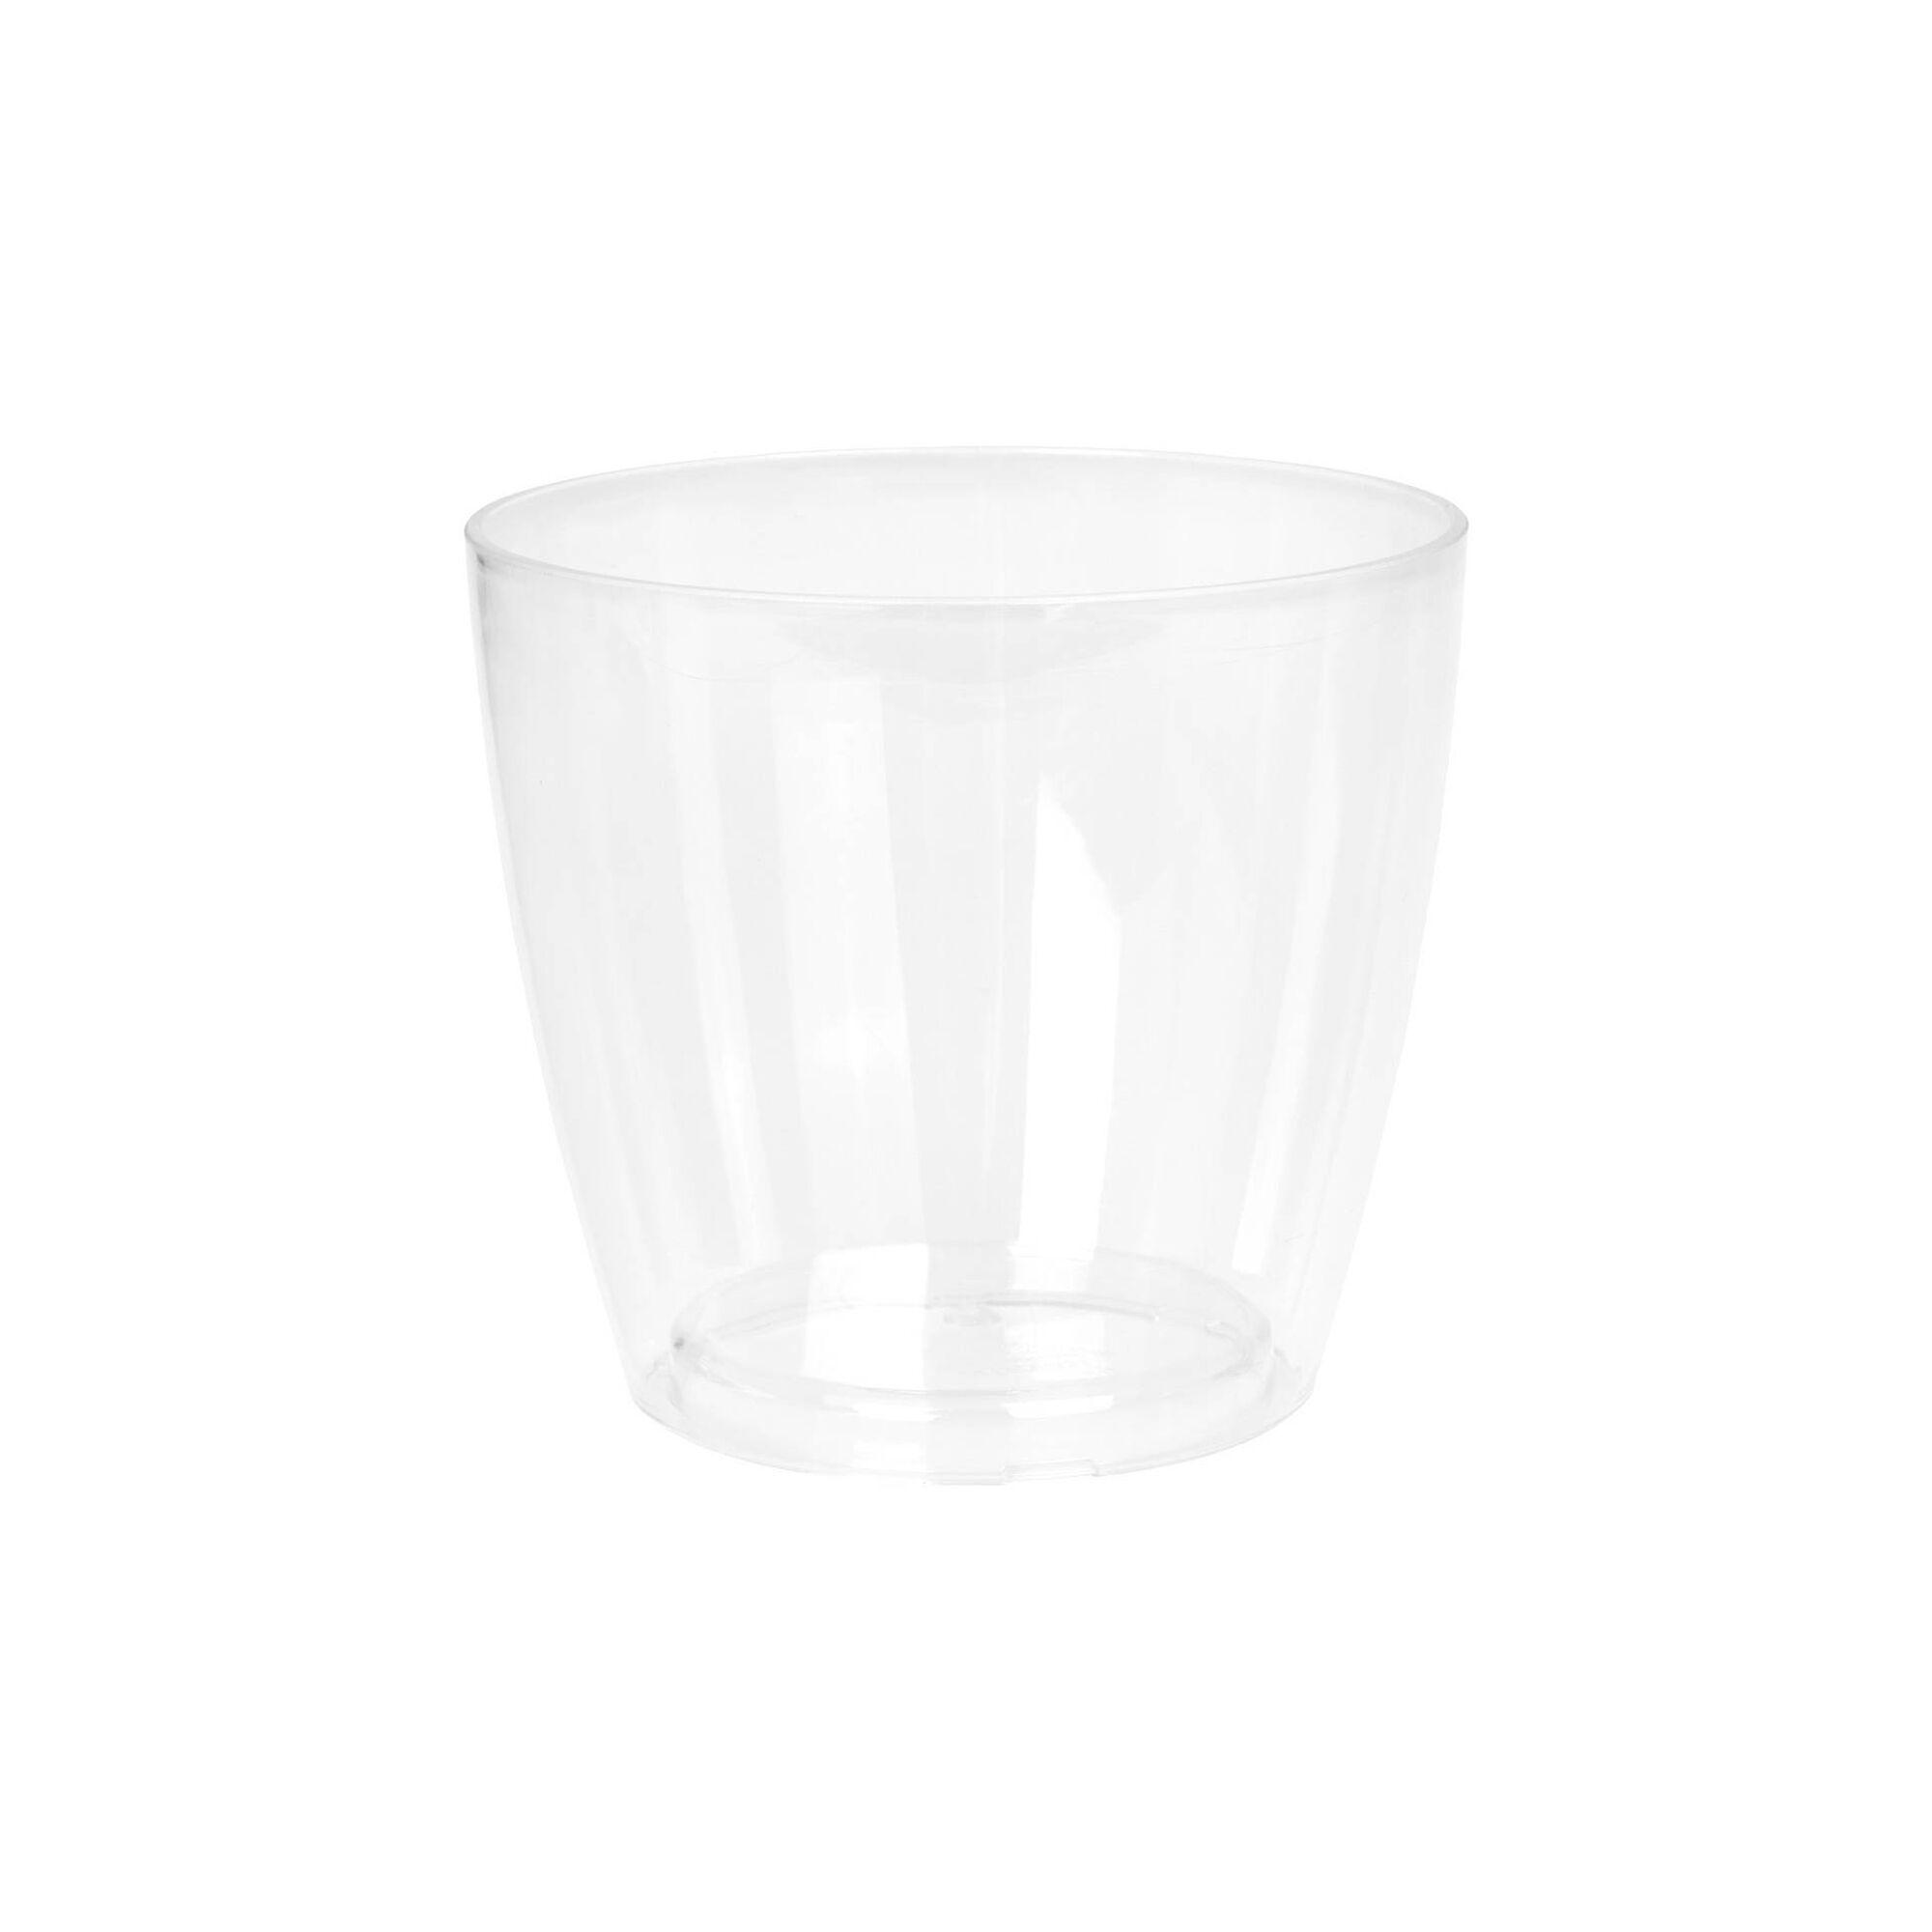 Vaso Redondo Plástico 12cm Transparente